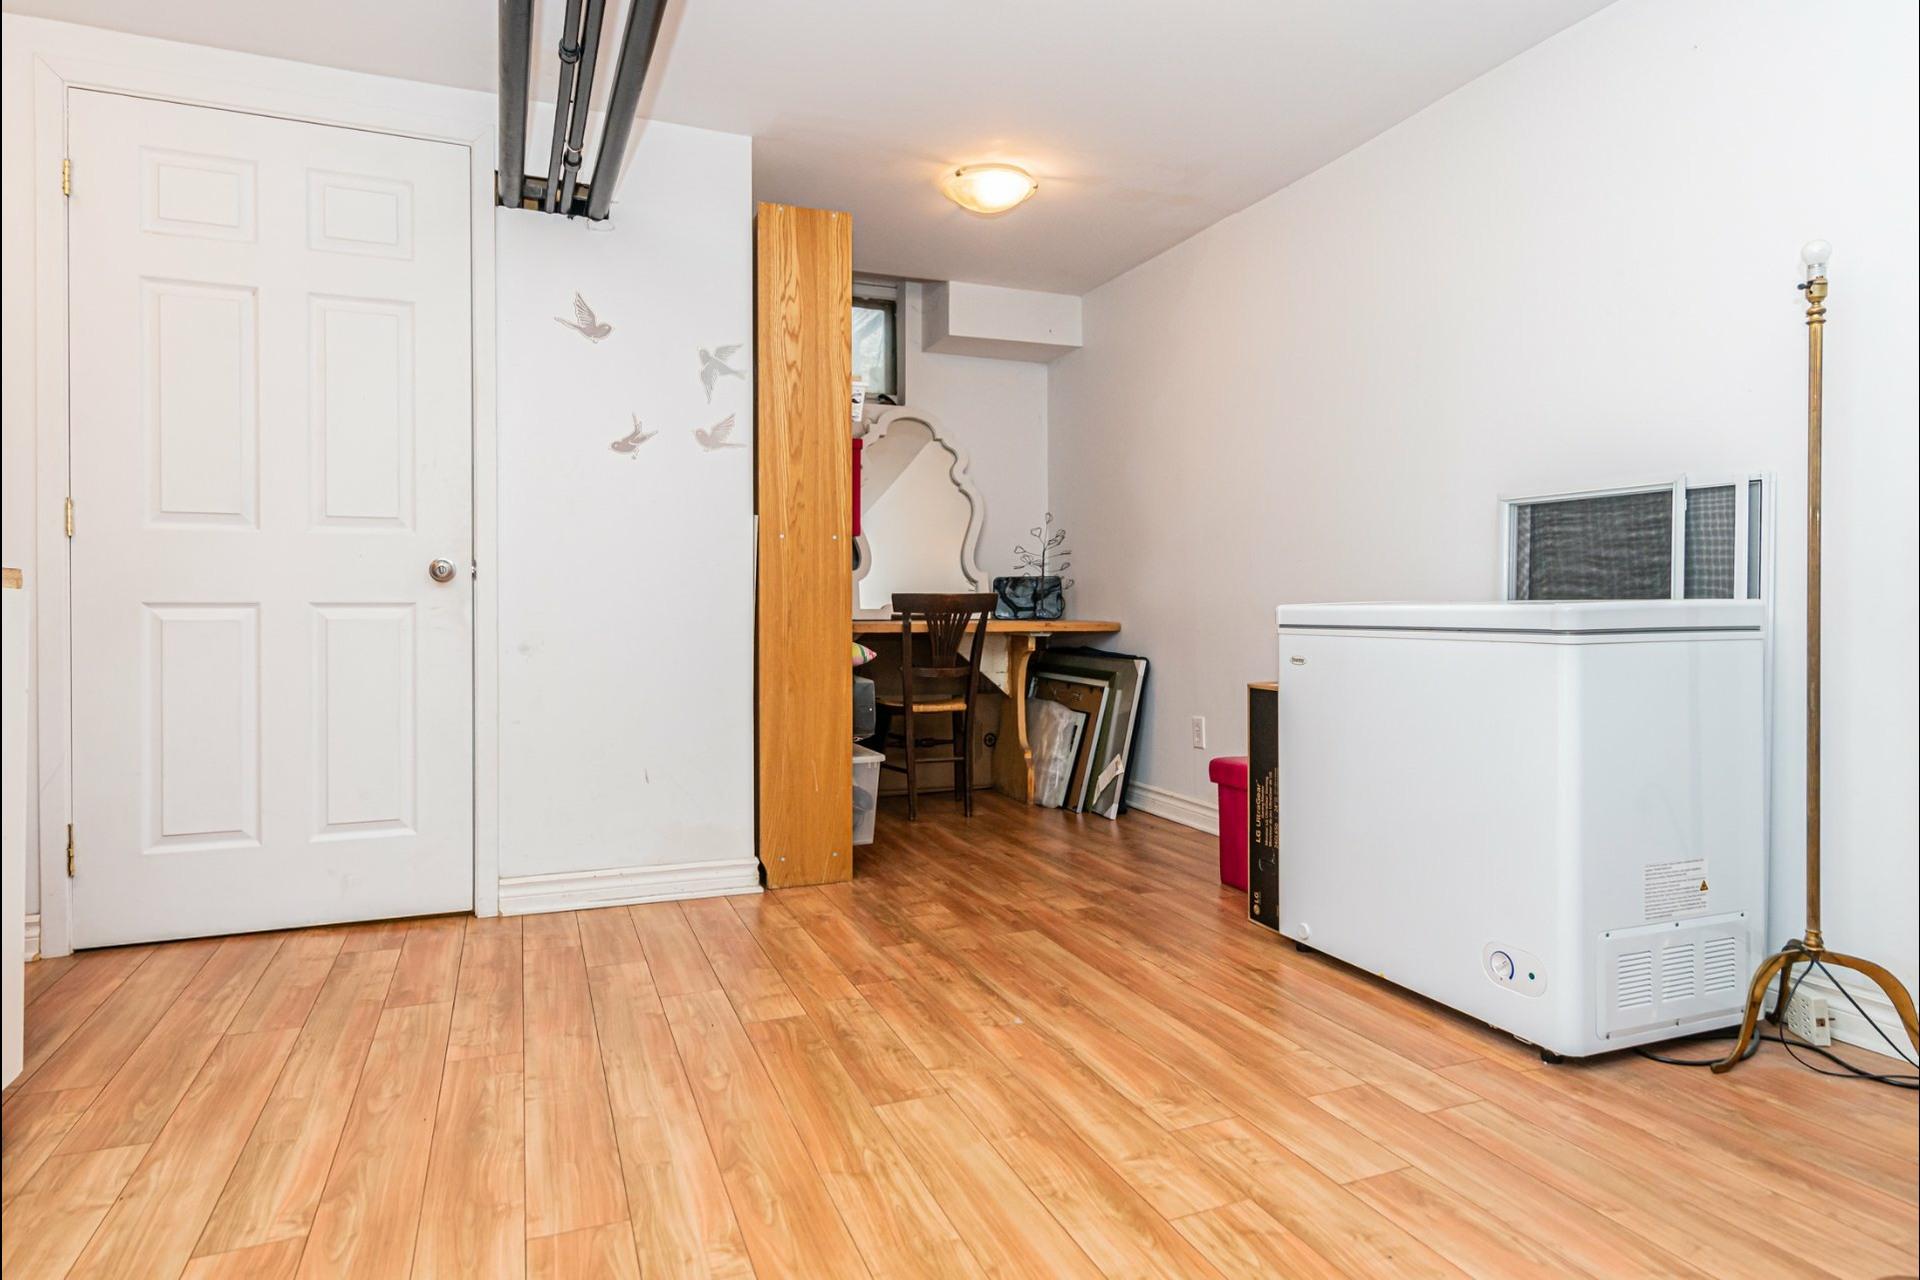 image 25 - Apartment For sale Côte-des-Neiges/Notre-Dame-de-Grâce Montréal  - 10 rooms